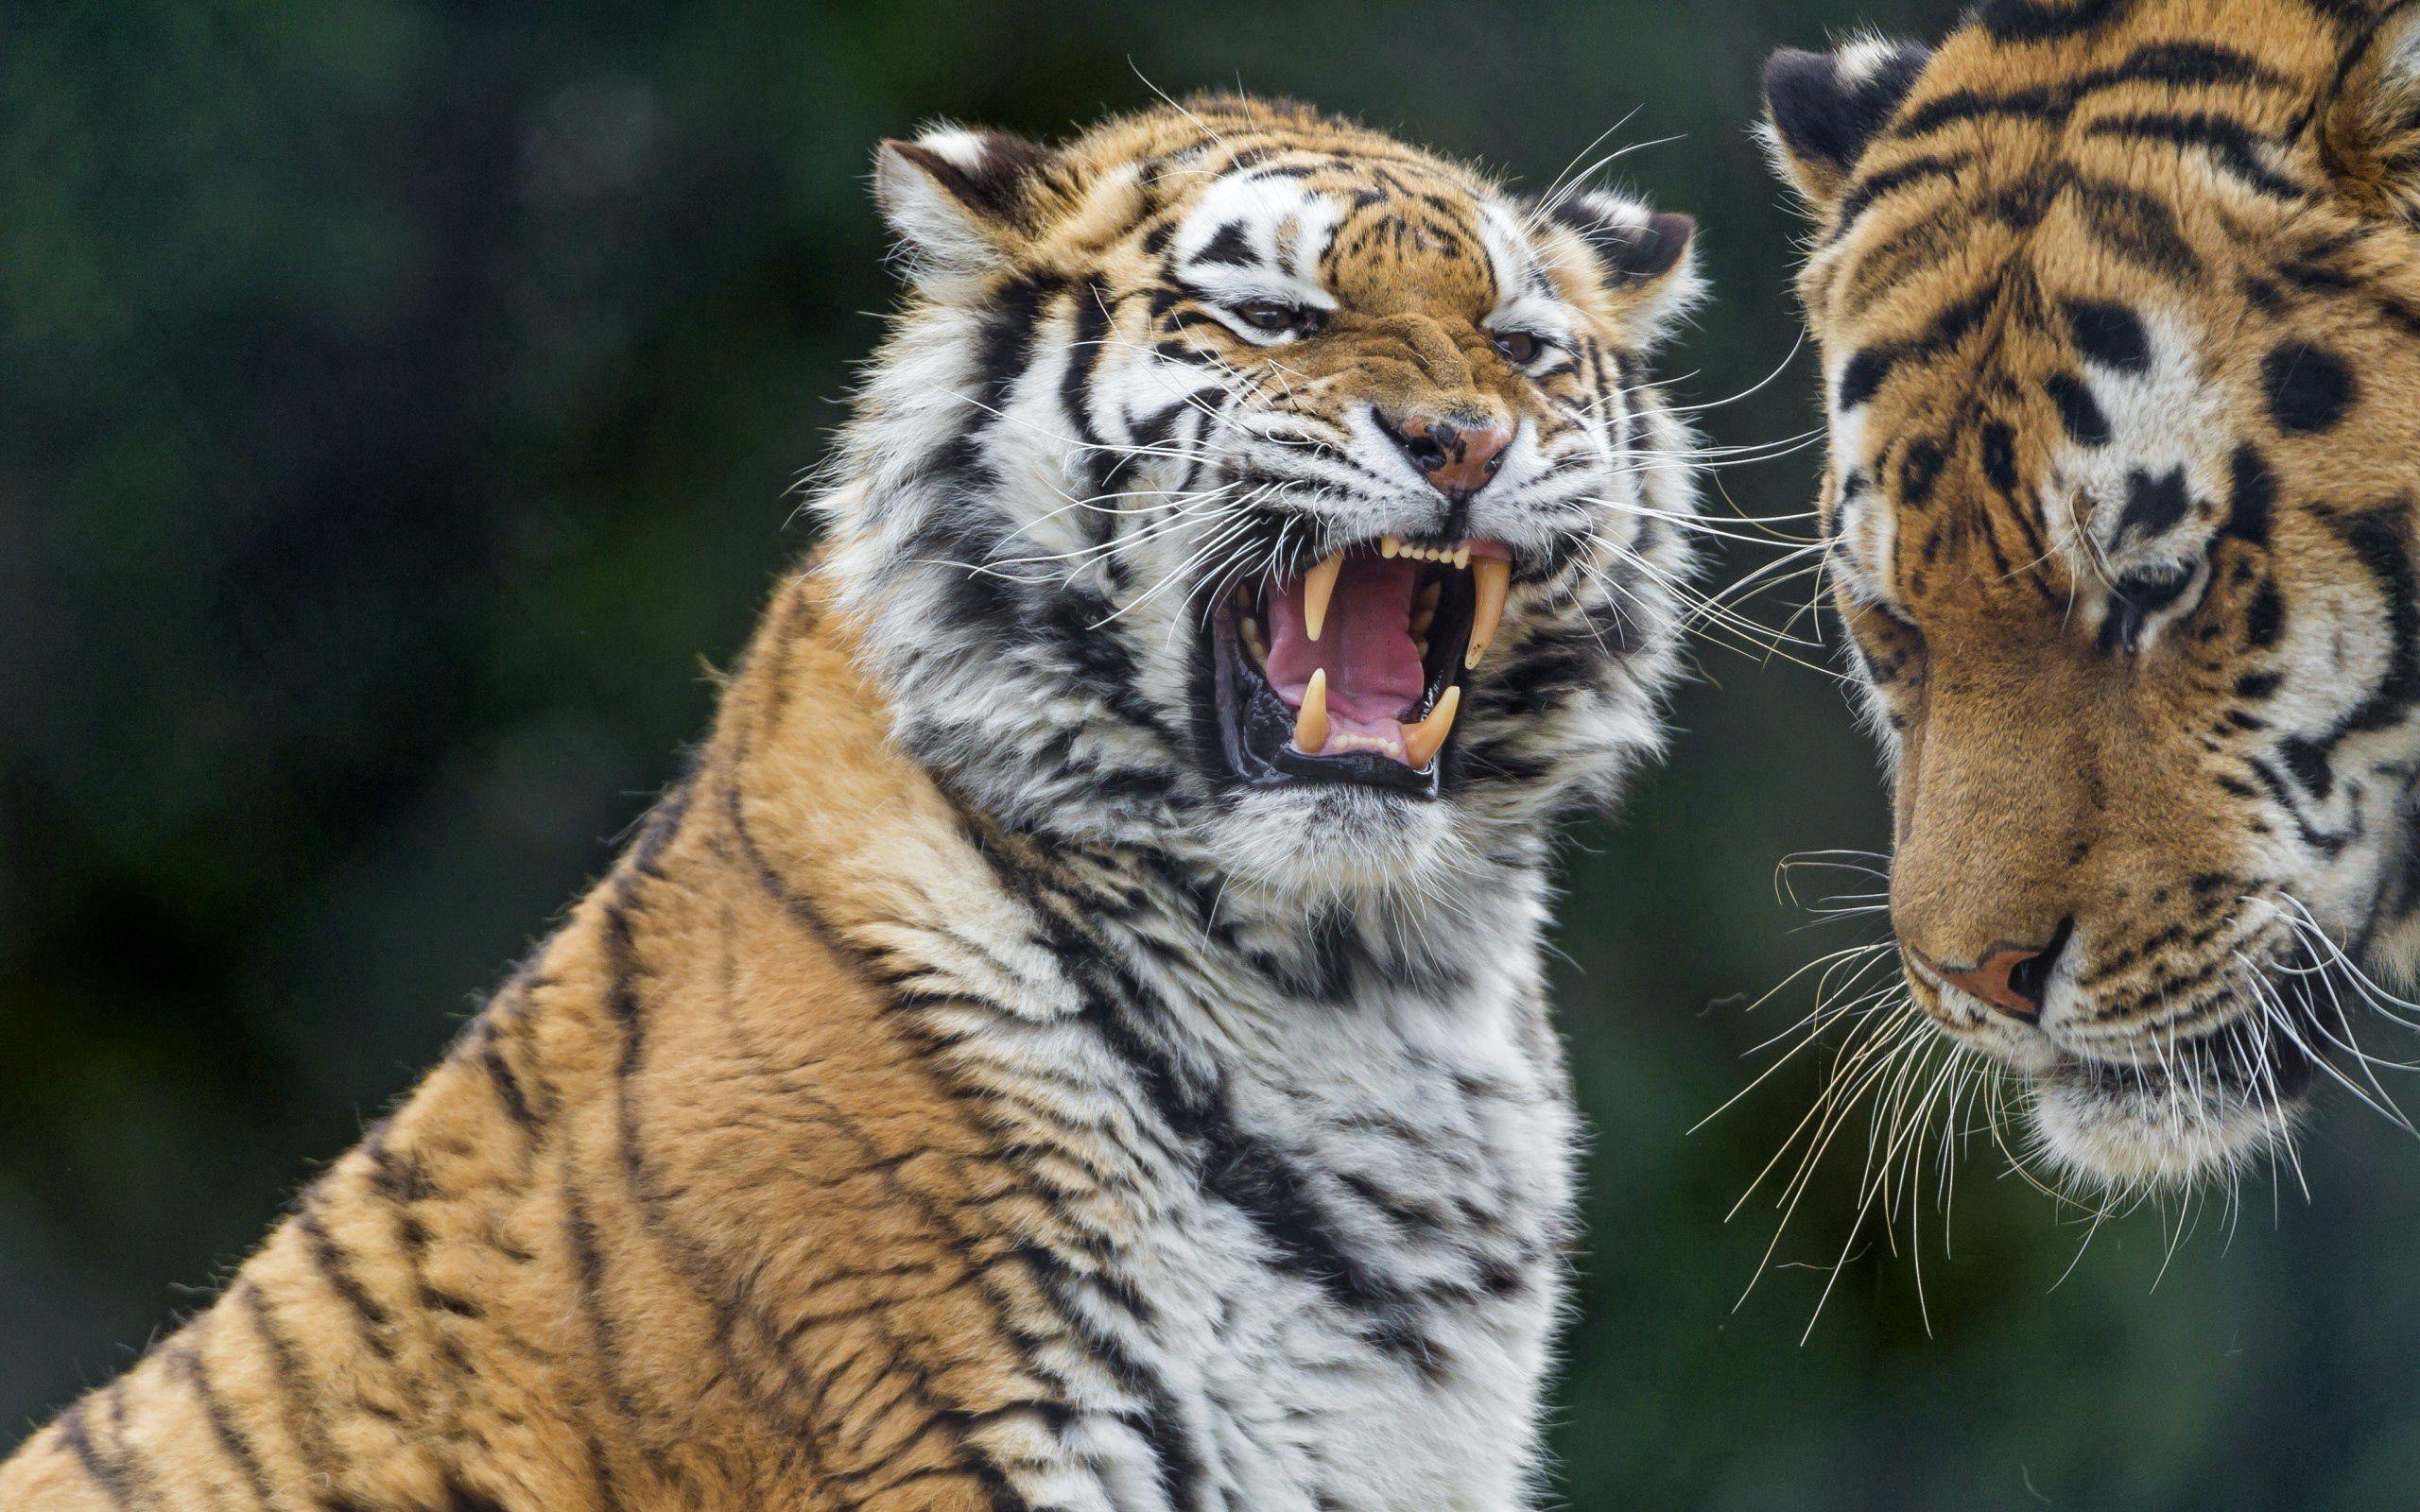 147621 Hintergrundbild herunterladen Tiere, Tigers, Aggression, Grinsen, Grin, Raubtier, Predator, Tiger - Bildschirmschoner und Bilder kostenlos